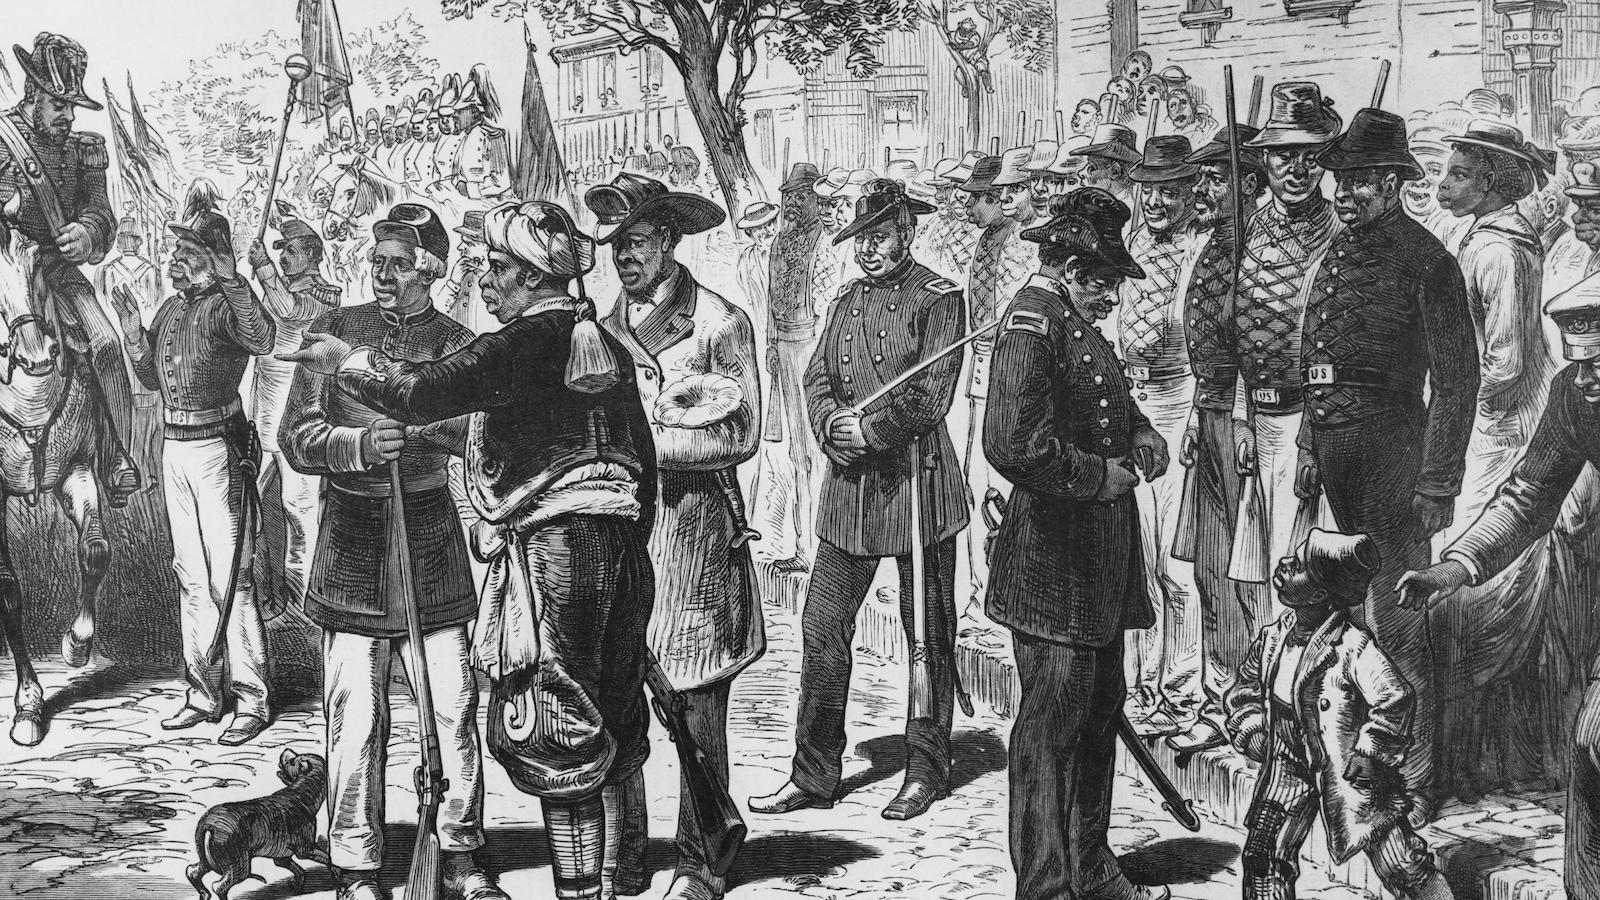 Gravure en noir et blanc dépeignant d'anciens esclaves qui célèbrent la proclamation de l'émancipation, le 1er août 1866.